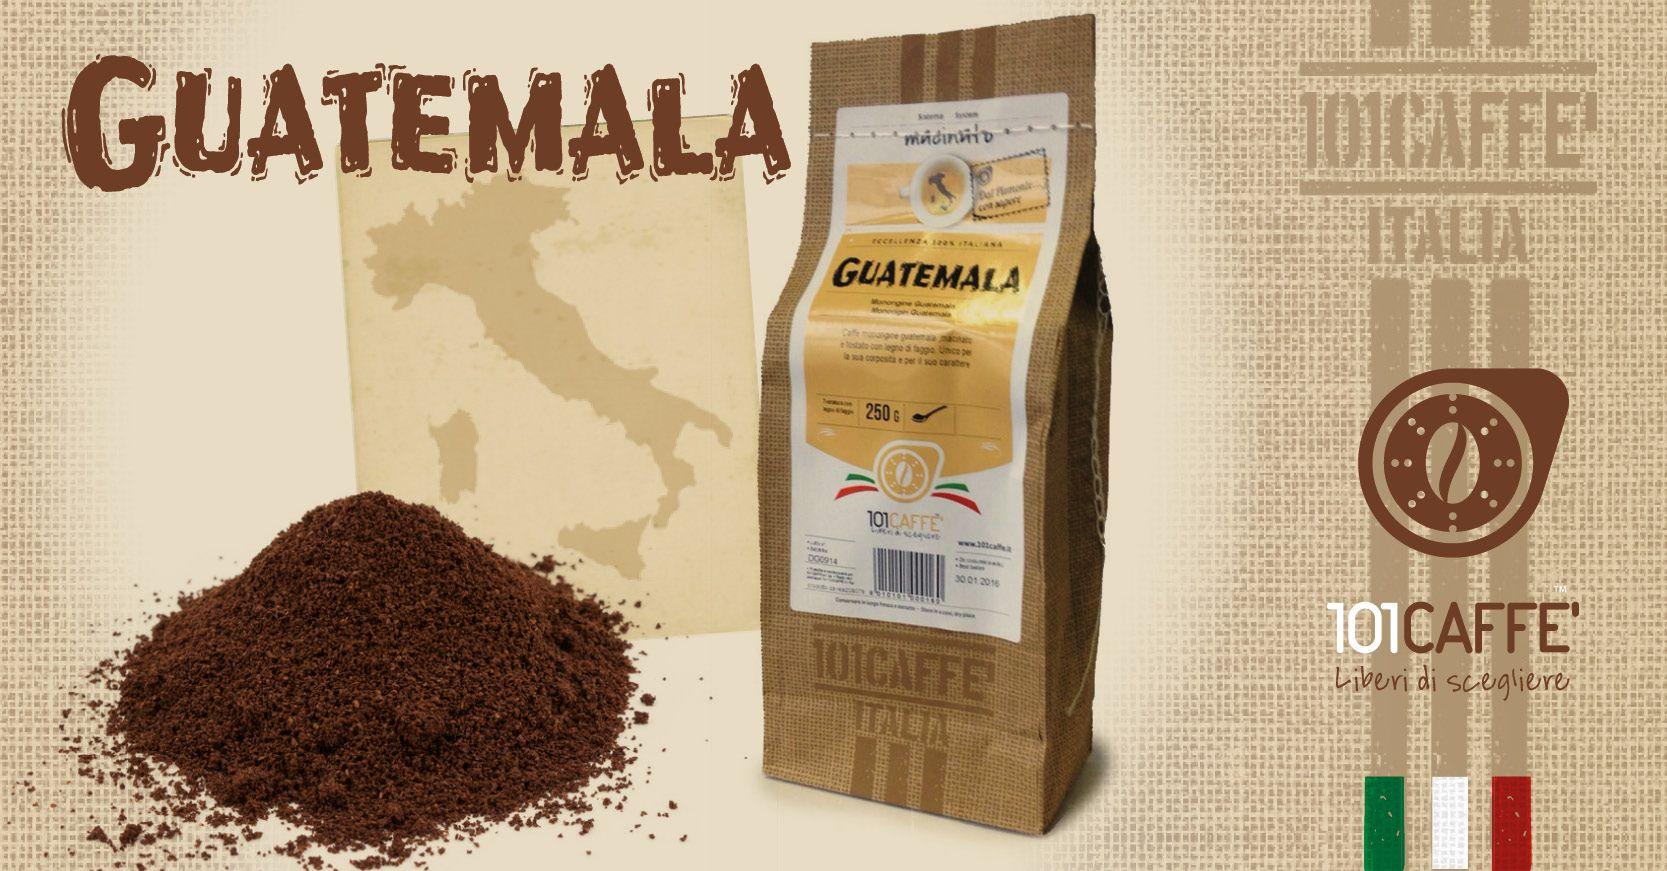 GUATEMALA: una monorigine 100% arabica, proveniente esclusivamente da un'unica piantagione in Guatemala. Porta con sé note floreali, di agrumi e cioccolato. Per te che cerchi un caffè vellutato e aromatico. Disponibile Macinato per Moka, macchina espresso con pompa e macchina espresso a braccetto, lo trovi nei punti vendita 101CAFFE' e sul sito 101caffe.it al seguente link: http://bit.ly/GUATEMALA_Macinato_101Caffè